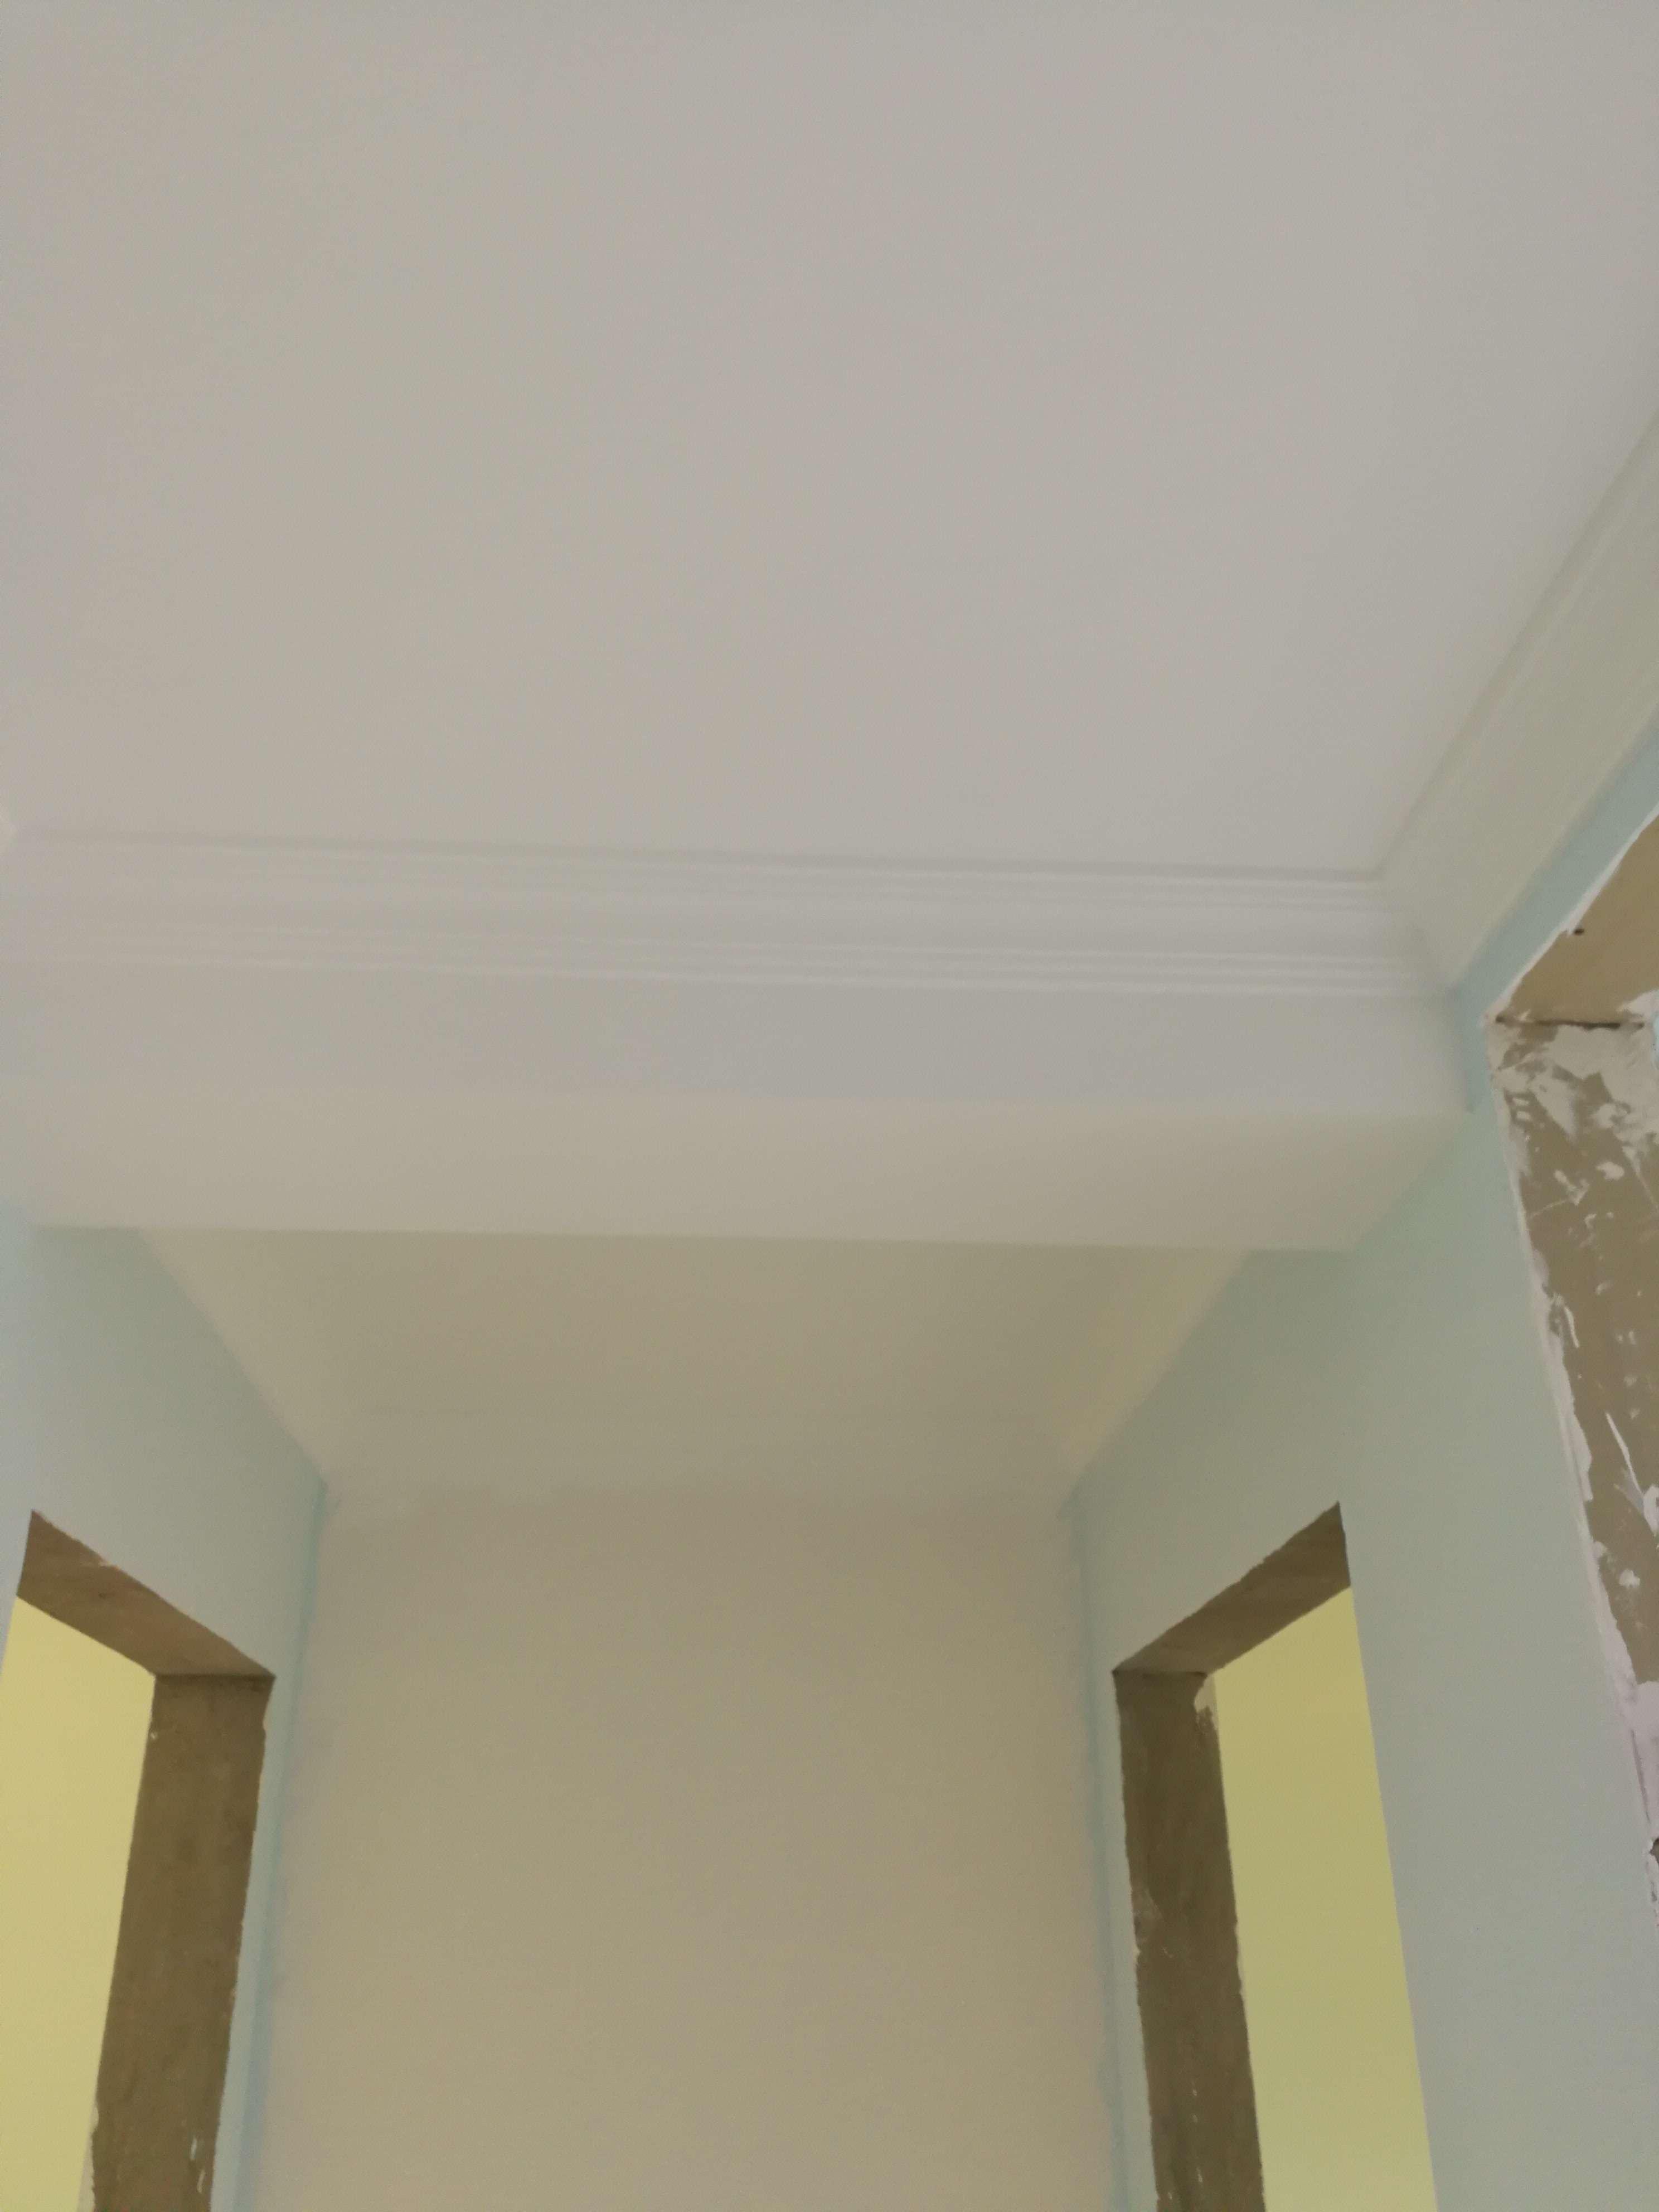 吊顶龙骨安装无不牢固隐患,主次龙骨间距合理,吊顶工程中板面的接缝直线度达标。